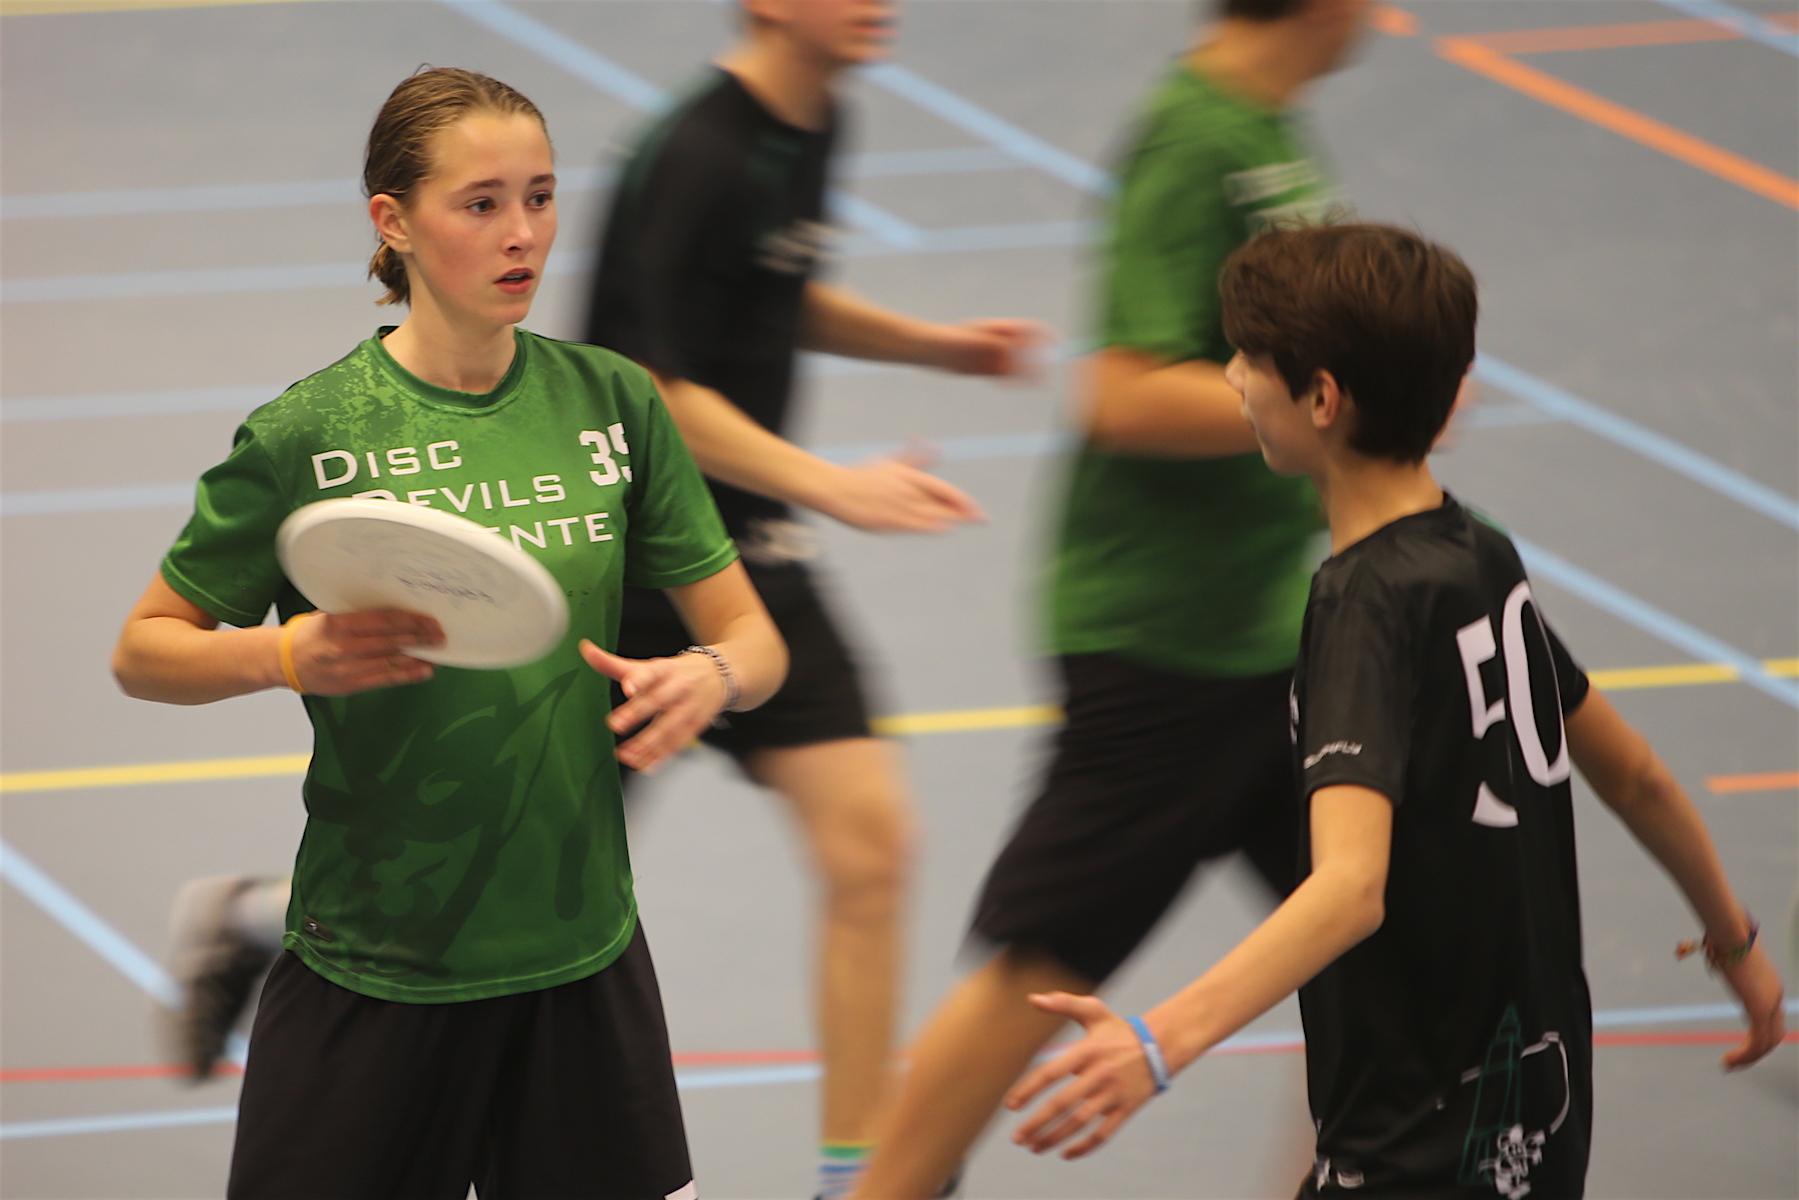 Ultimate Frisbee Disc Devils Twente Enschede U17 indoorcompetitie Assen 2017